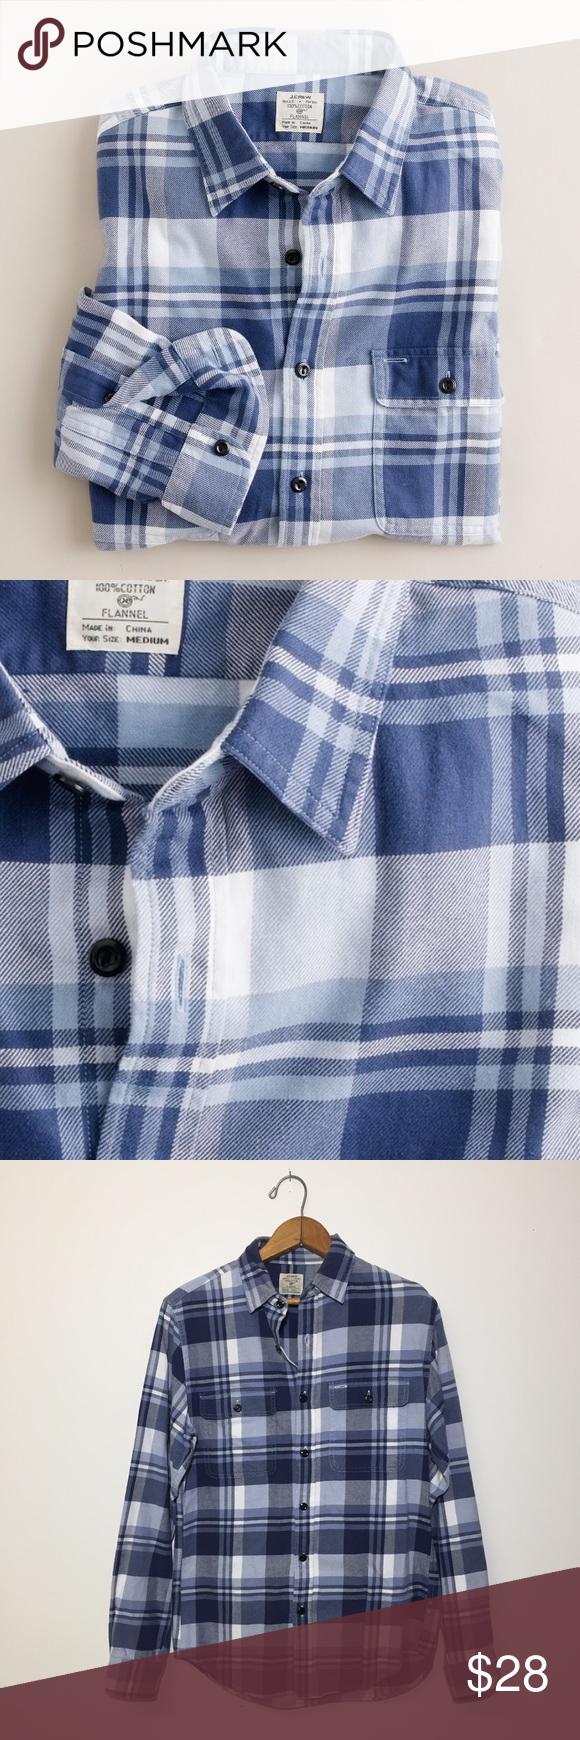 Flannel shirt xs  J Crew Vintage Flannel Shirt in Stuart Plaid  Cotton style